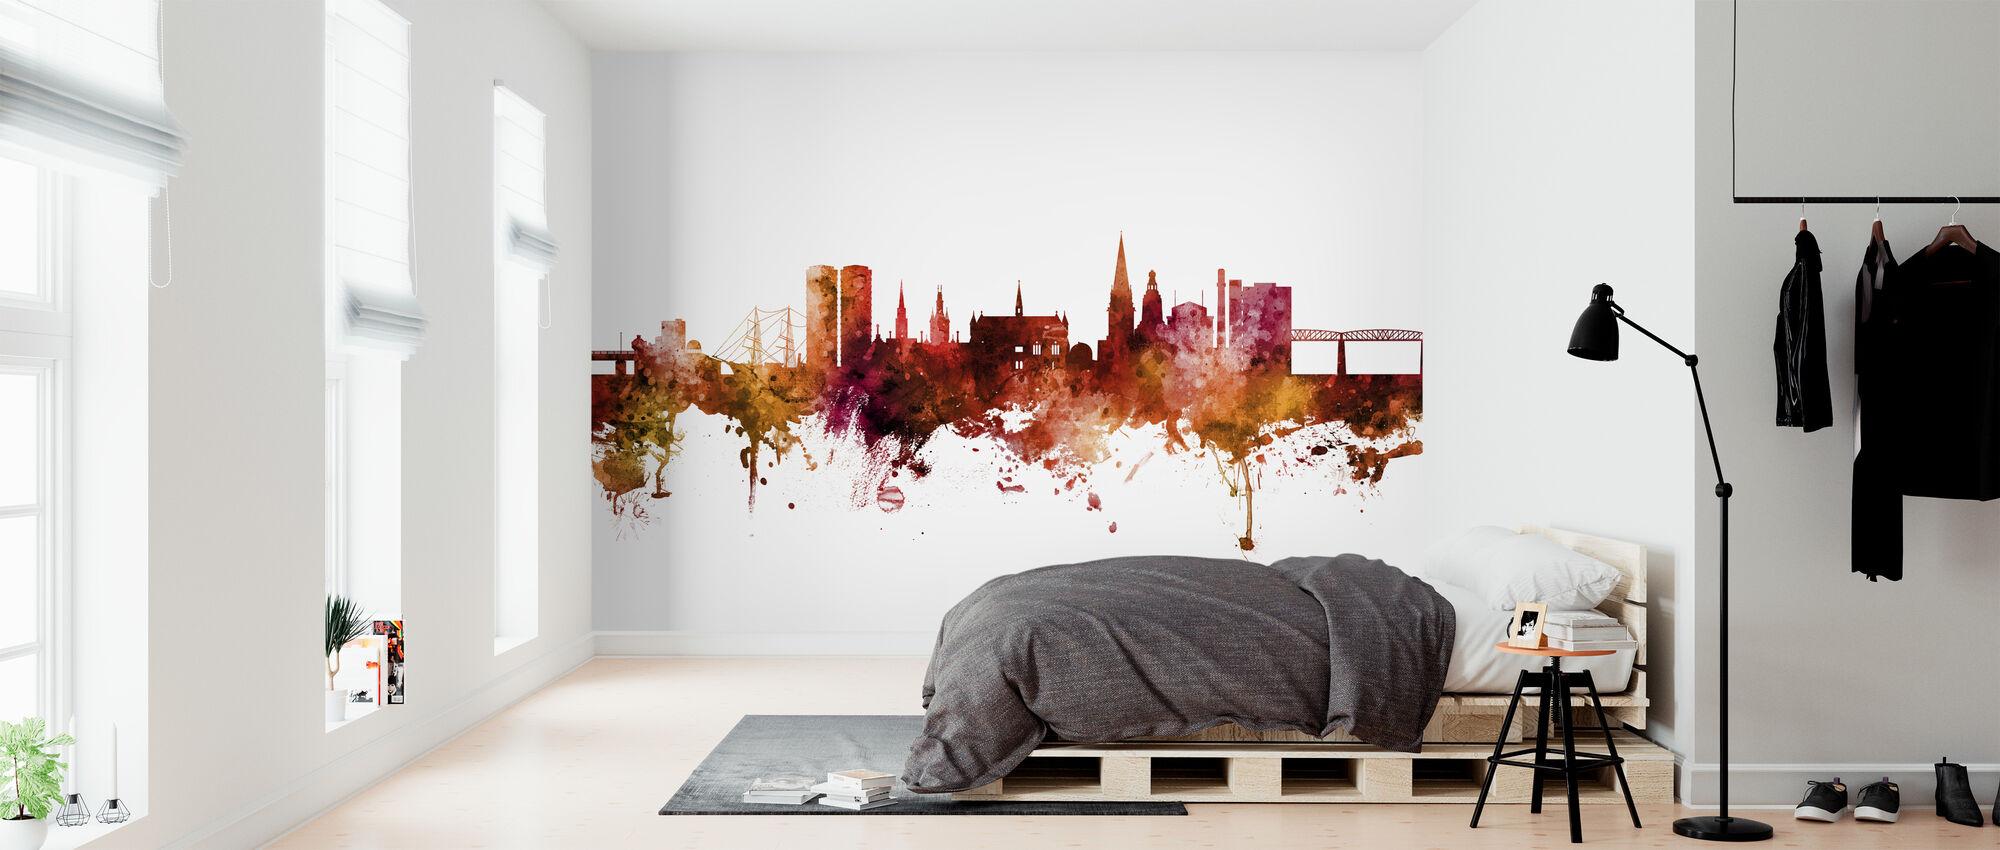 Dundee Scotland Skyline - Wallpaper - Bedroom